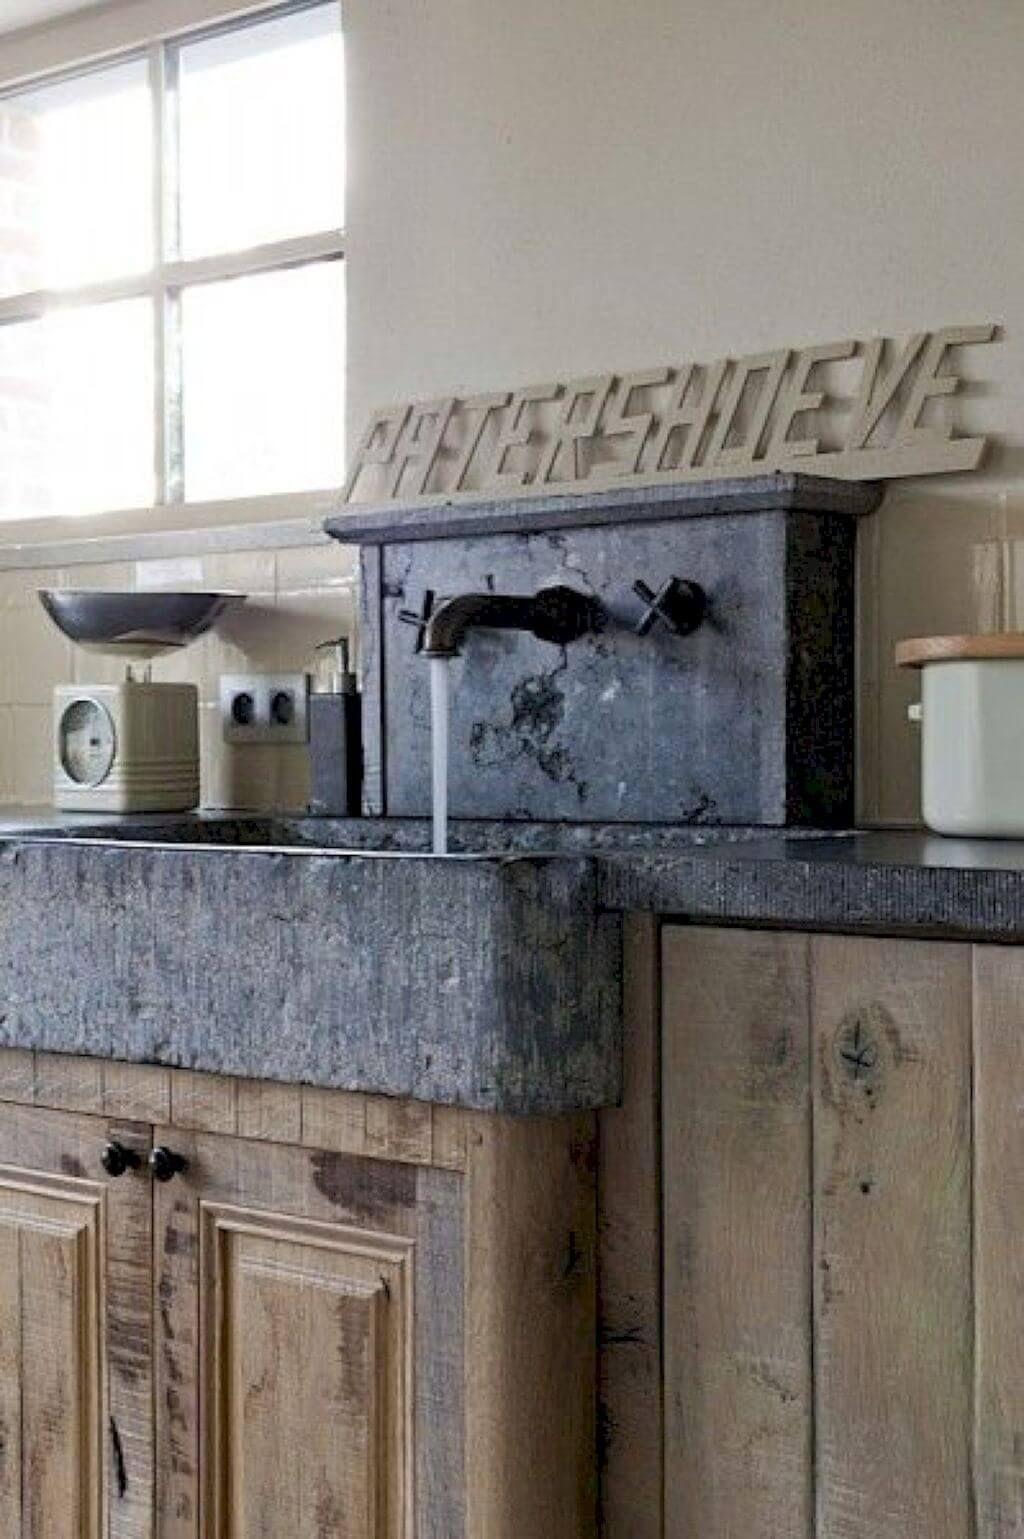 26 Farmhouse Kitchen Sink Ideas That Will Make Your Space Charming And Unforgettable Moderne Bauernhaus Kuchen Kuchen Granitarbeitsplatten Kuche Ideen Bauernhaus